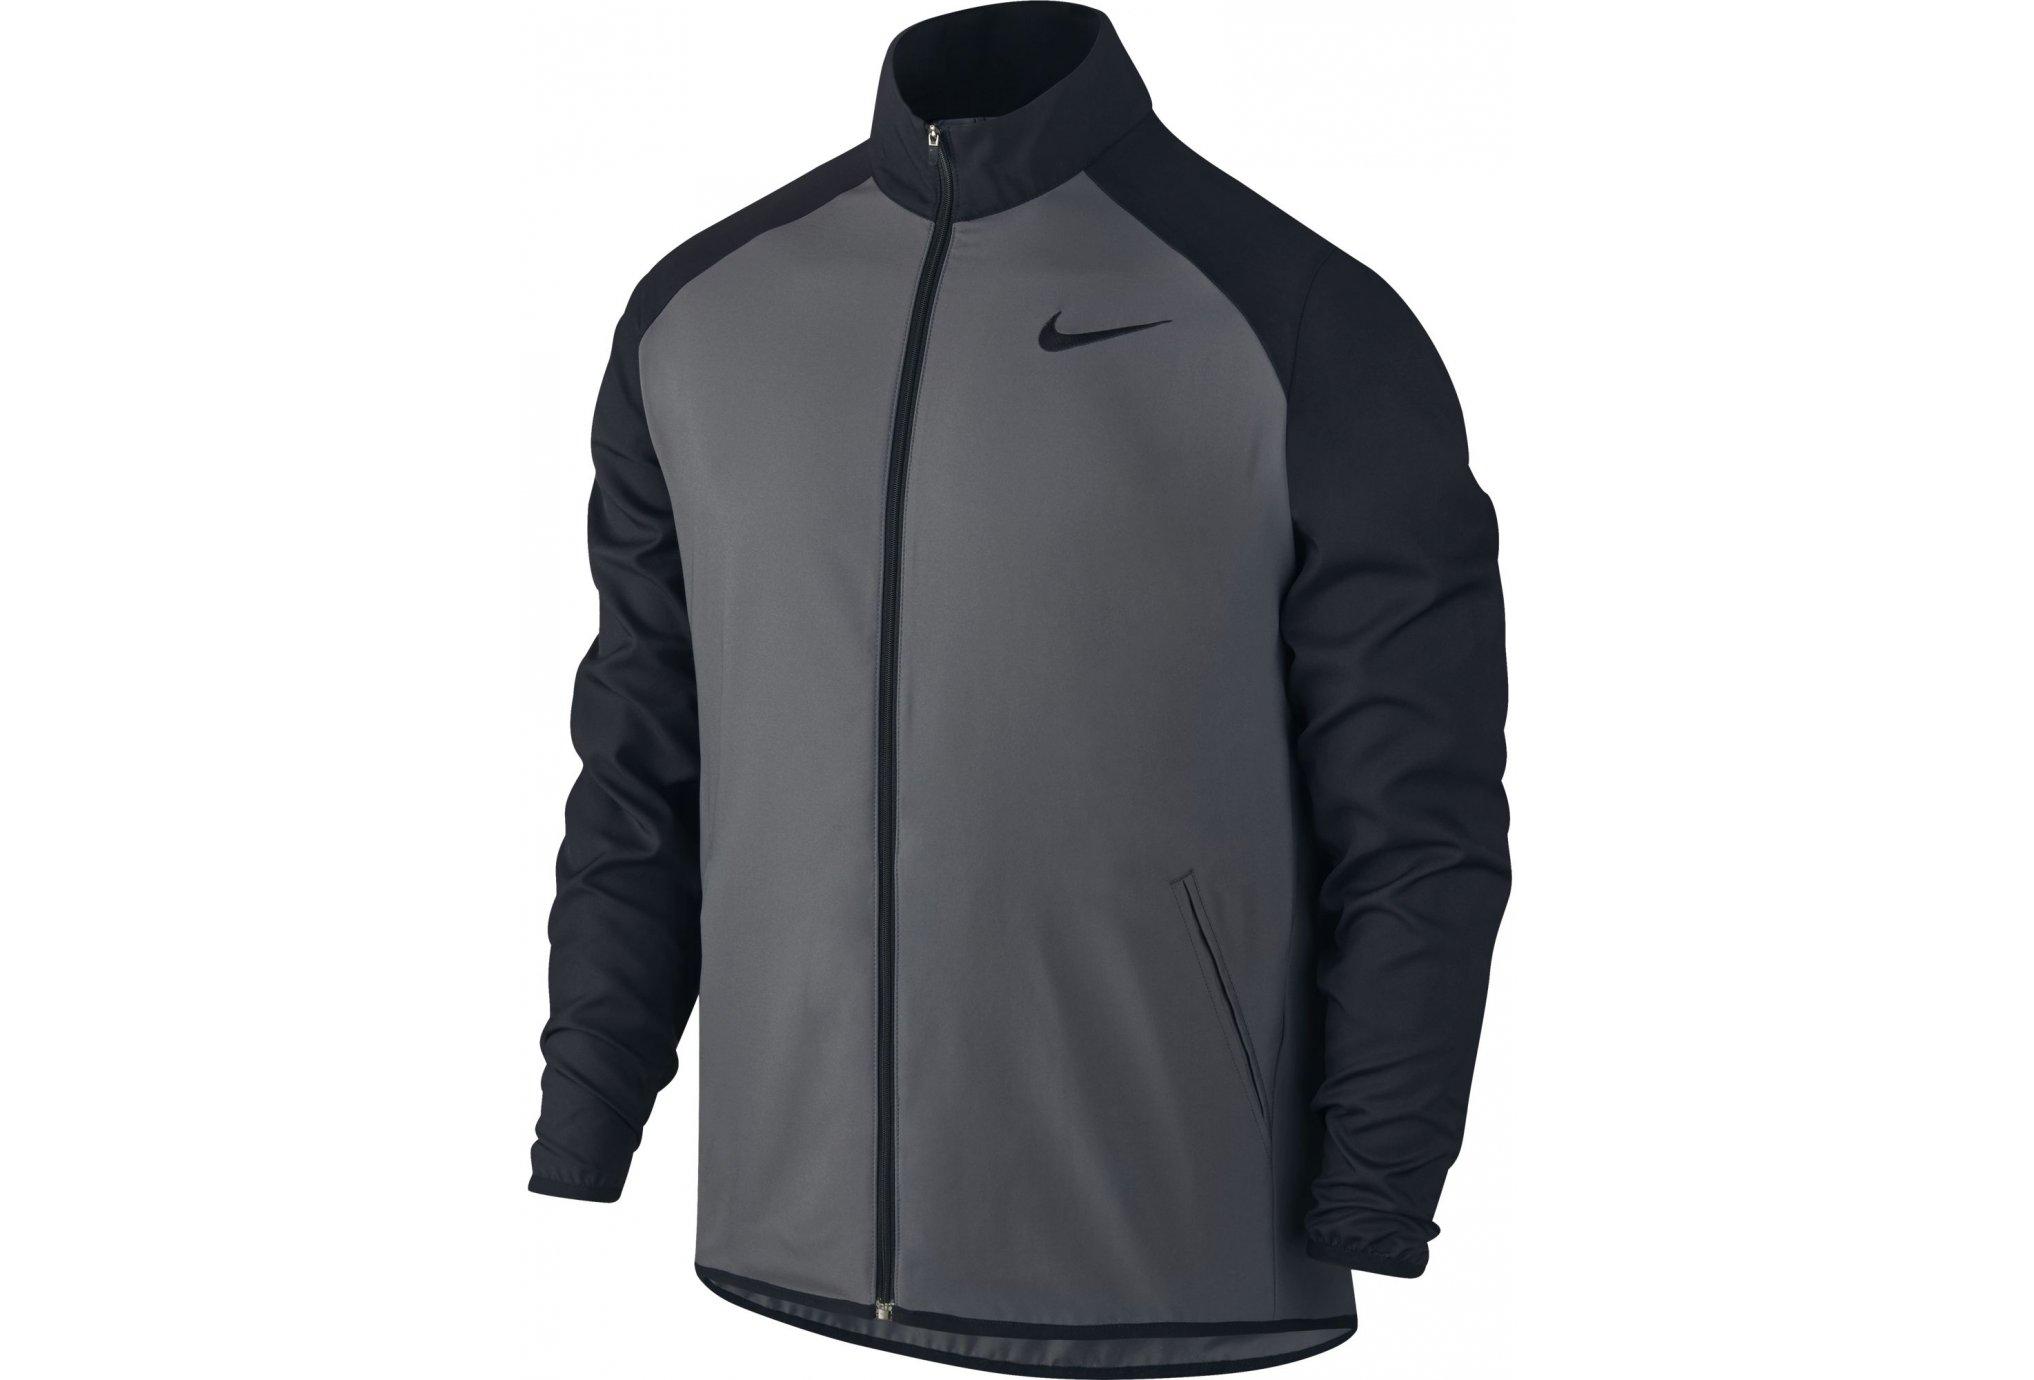 b4c7b35157dec Nordicfit, Sport et Santé - Nike Veste Vapor M vêtement running homme